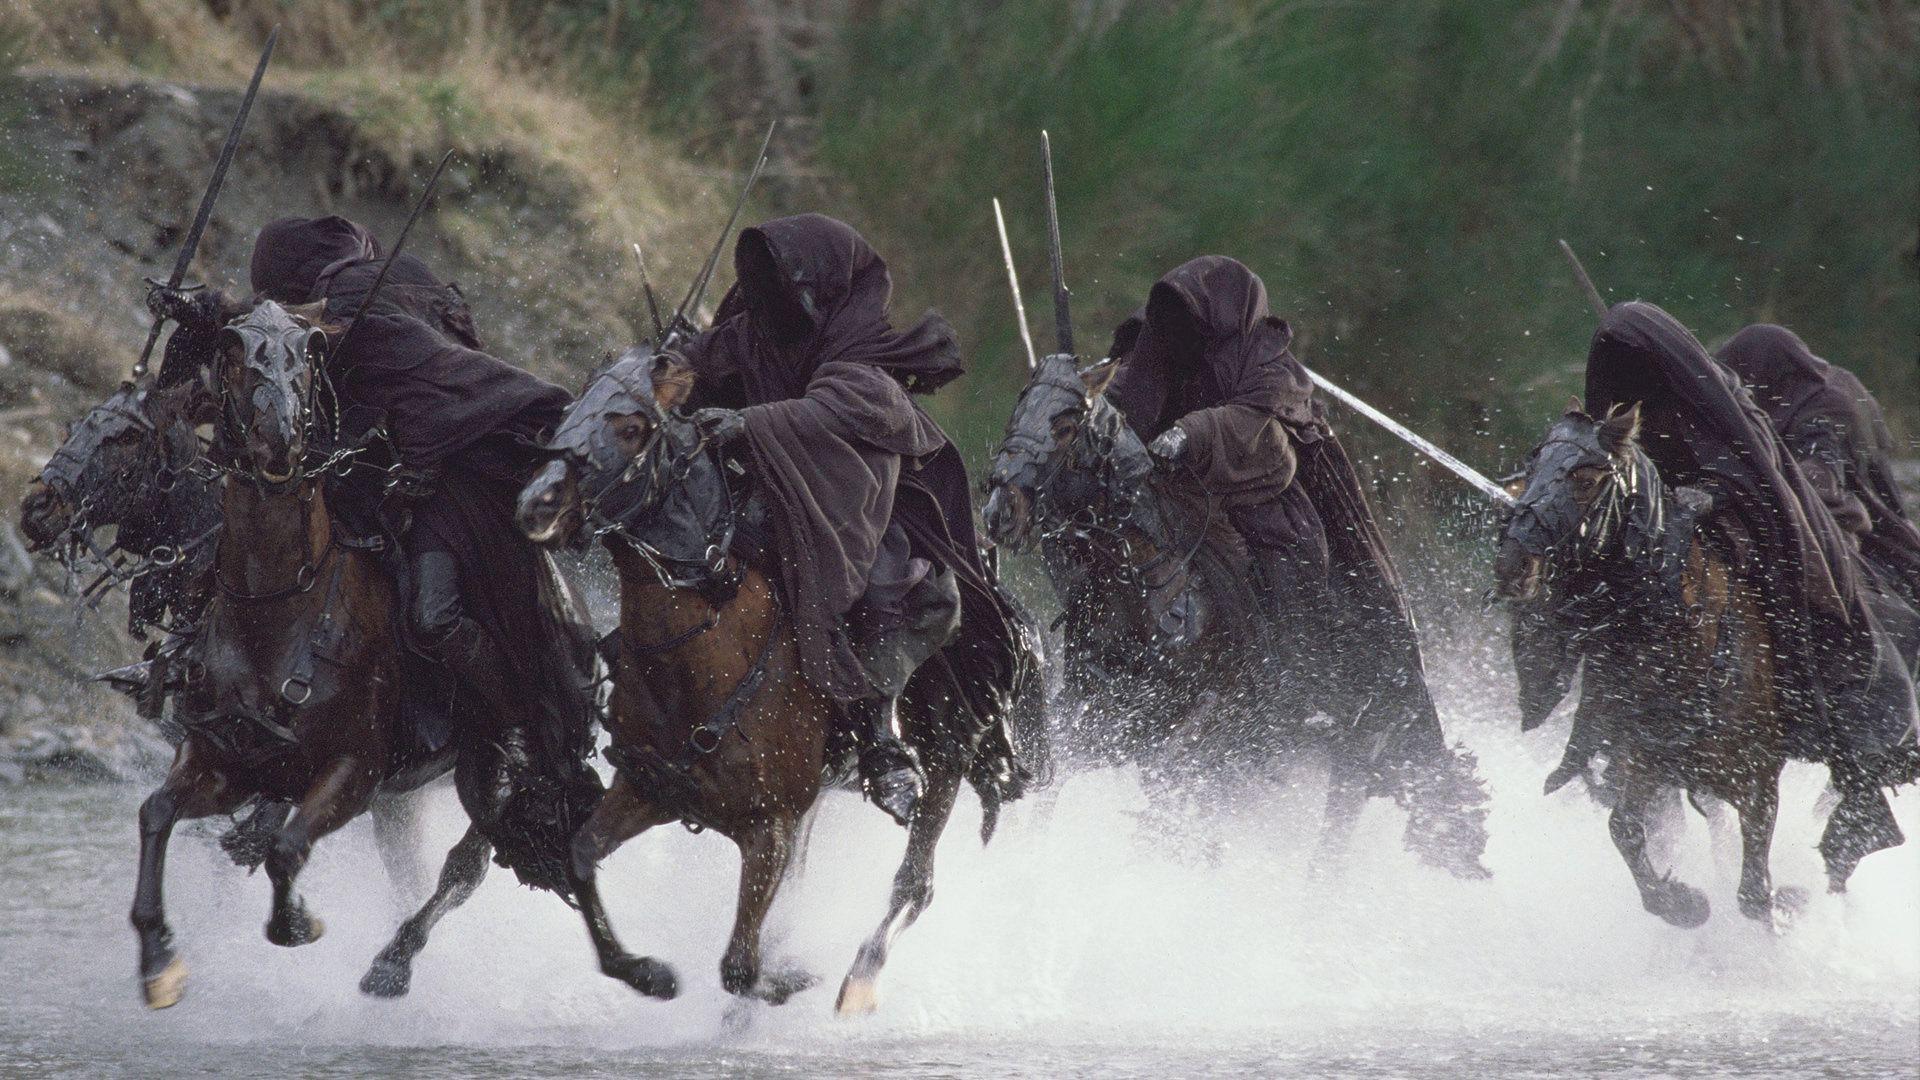 ¿Originalmente, quienes fueron los Nazgul?